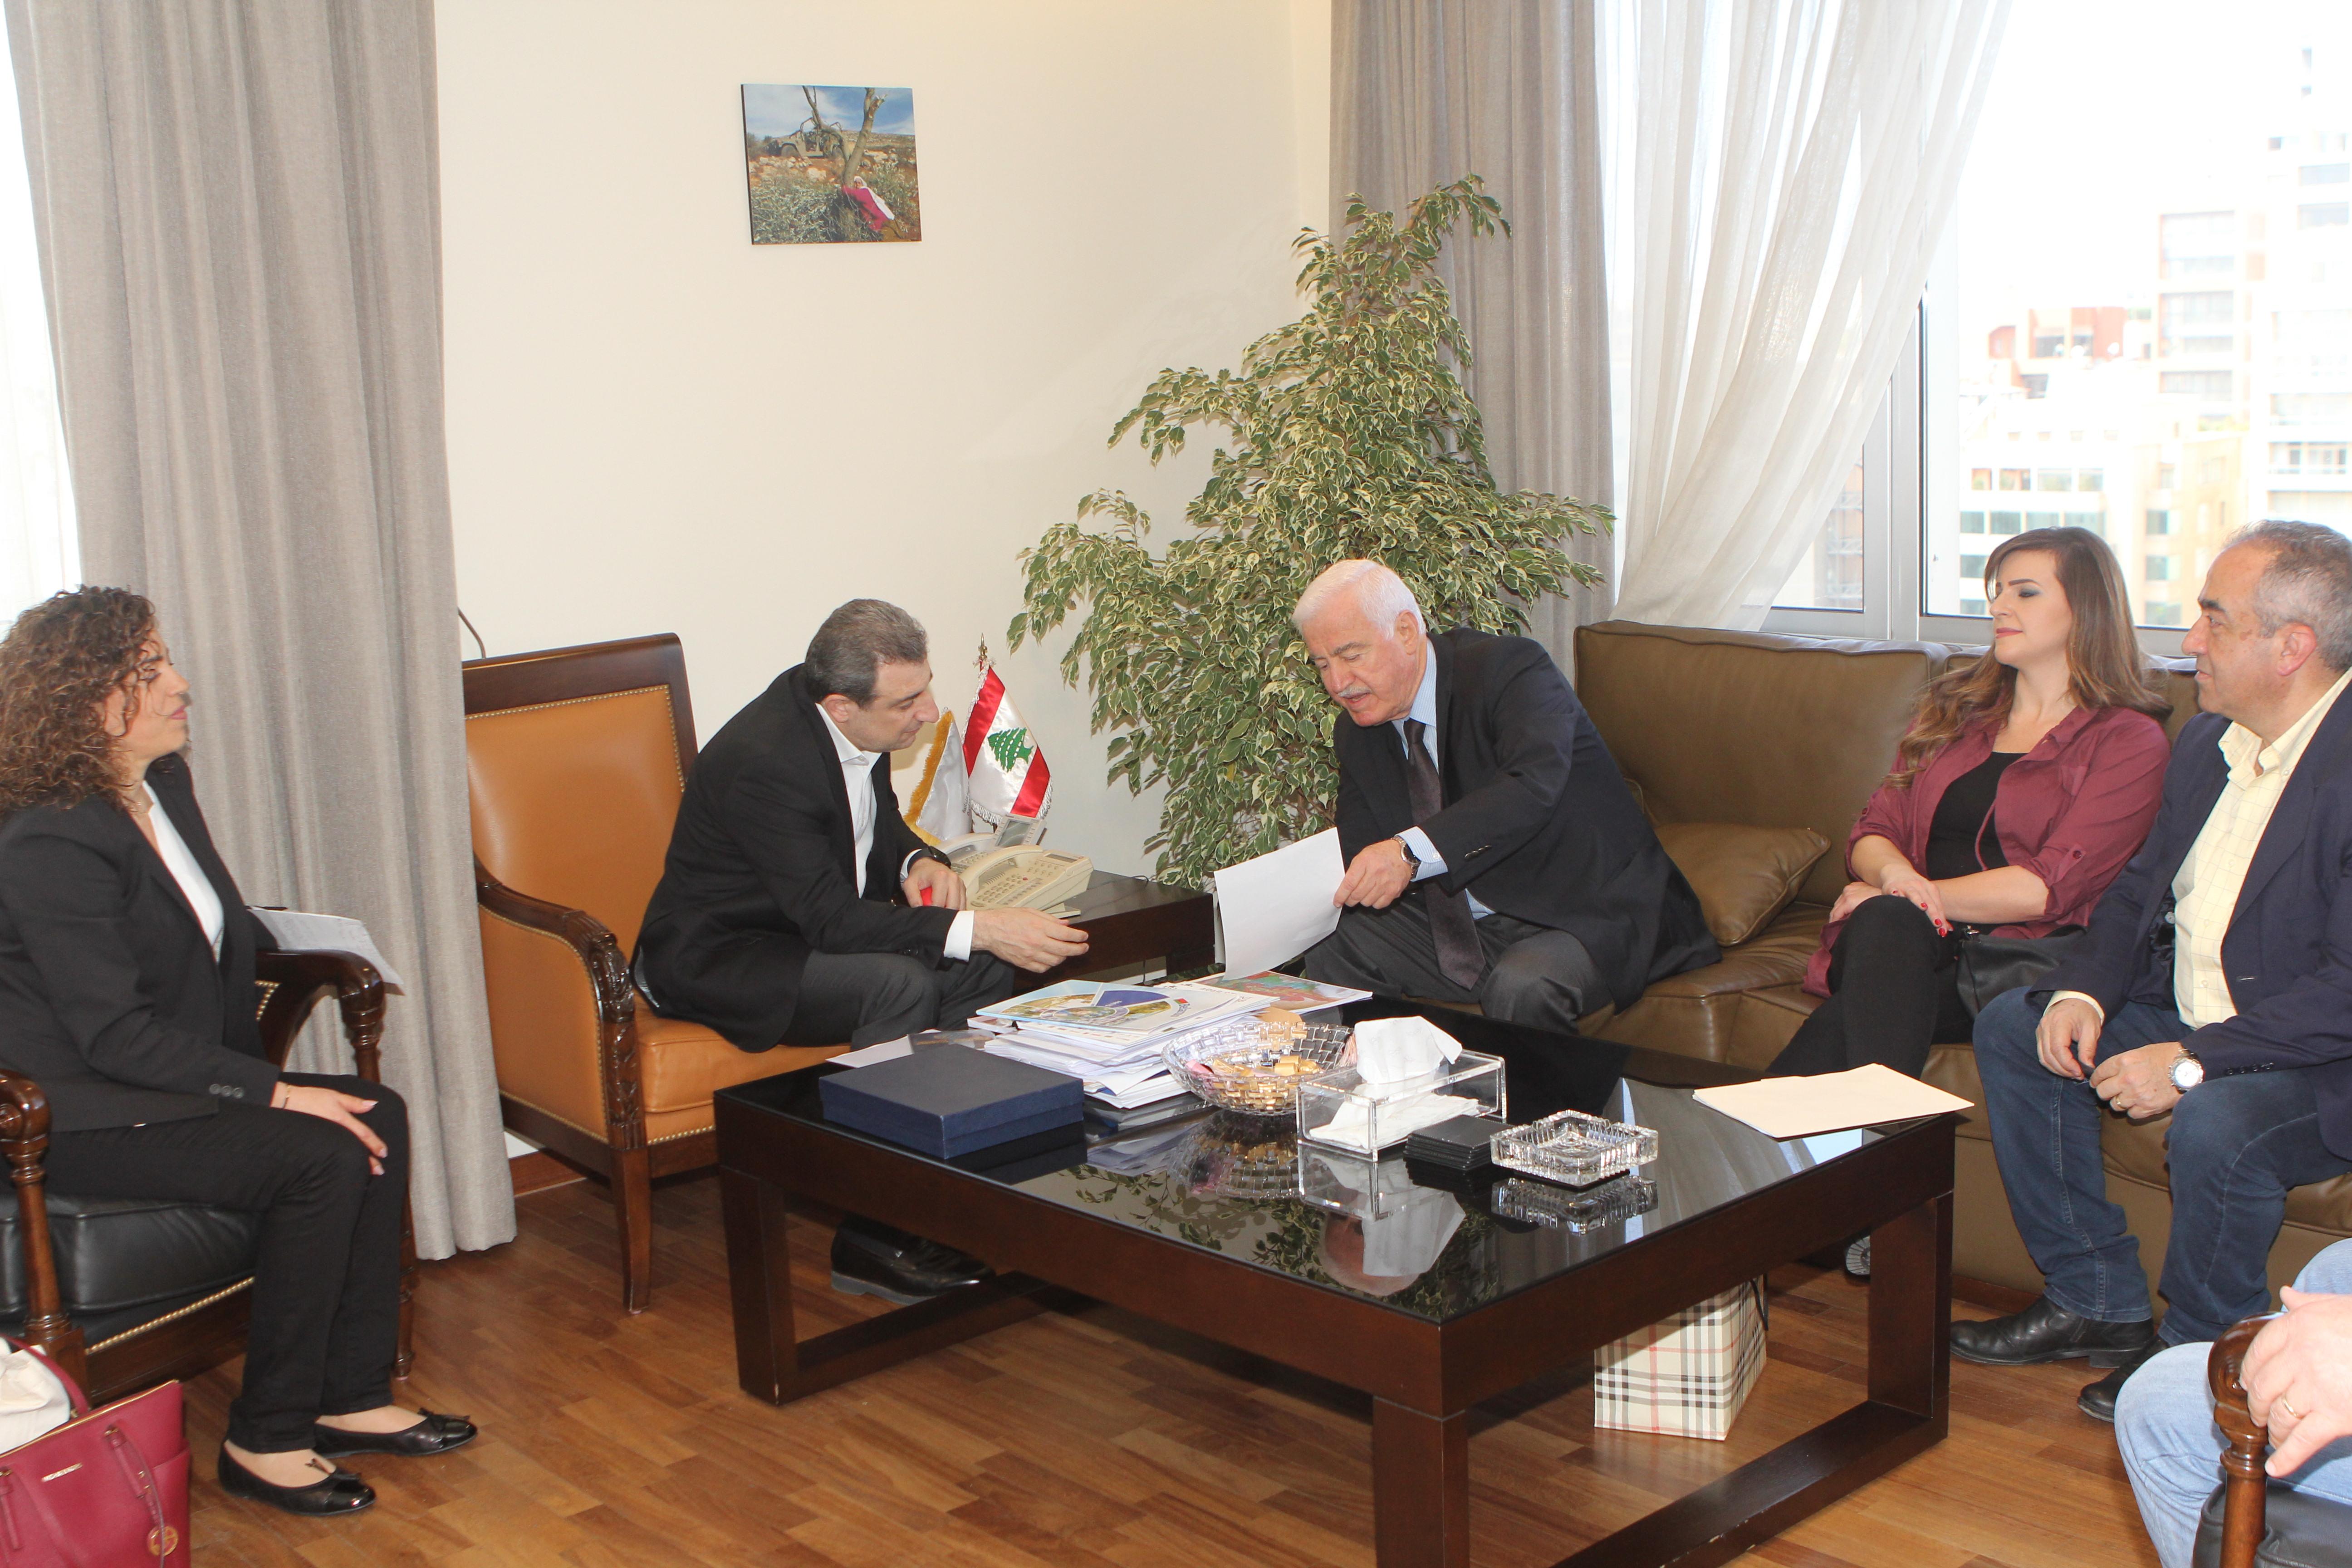 صورة الوزير ابو فاعور والوزير السابق بشارة مرهج ووفد من ضهور الشوير